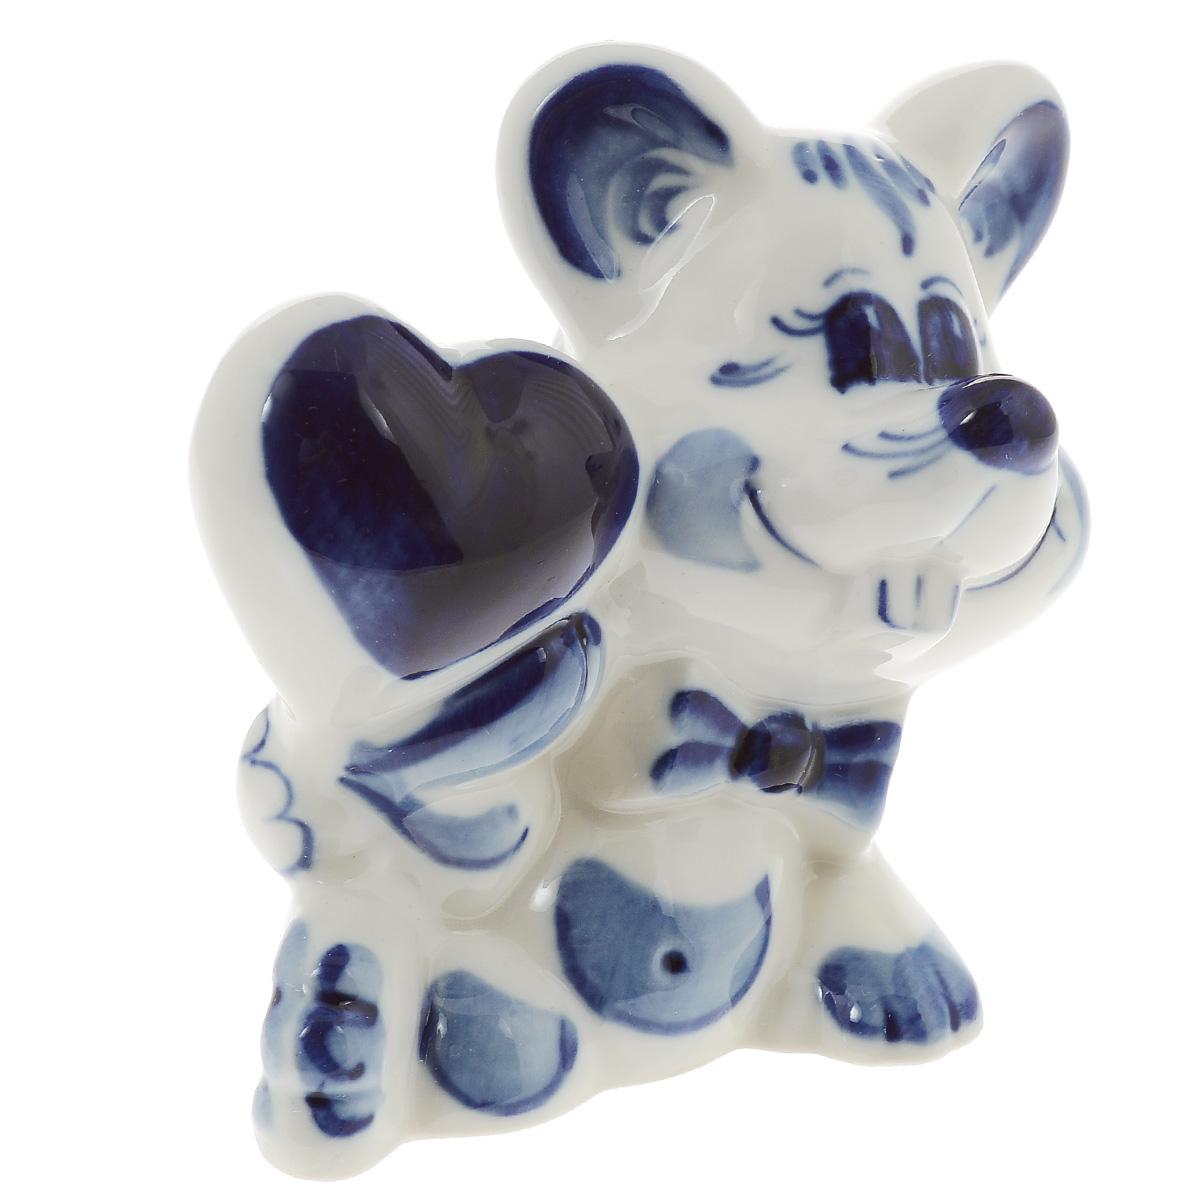 Скульптура Влюбленный мышонок, цвет: белый, синий, 8,5 см. 993134801993134801Скульптура Влюбленный мышонок, изготовленная из фарфора, доставит истинное удовольствие ценителям прекрасного. Изделие выполнено в виде милого мышонка с сердечком и расписано вручную в стиле гжель. Яркий дизайн, несомненно, придется вам по вкусу. Скульптура Влюбленный мышонок украсит ваш дом, а также станет замечательным подарком к любому празднику. Размеры скульптуры: 7 см х 5 см х 8,5 см.